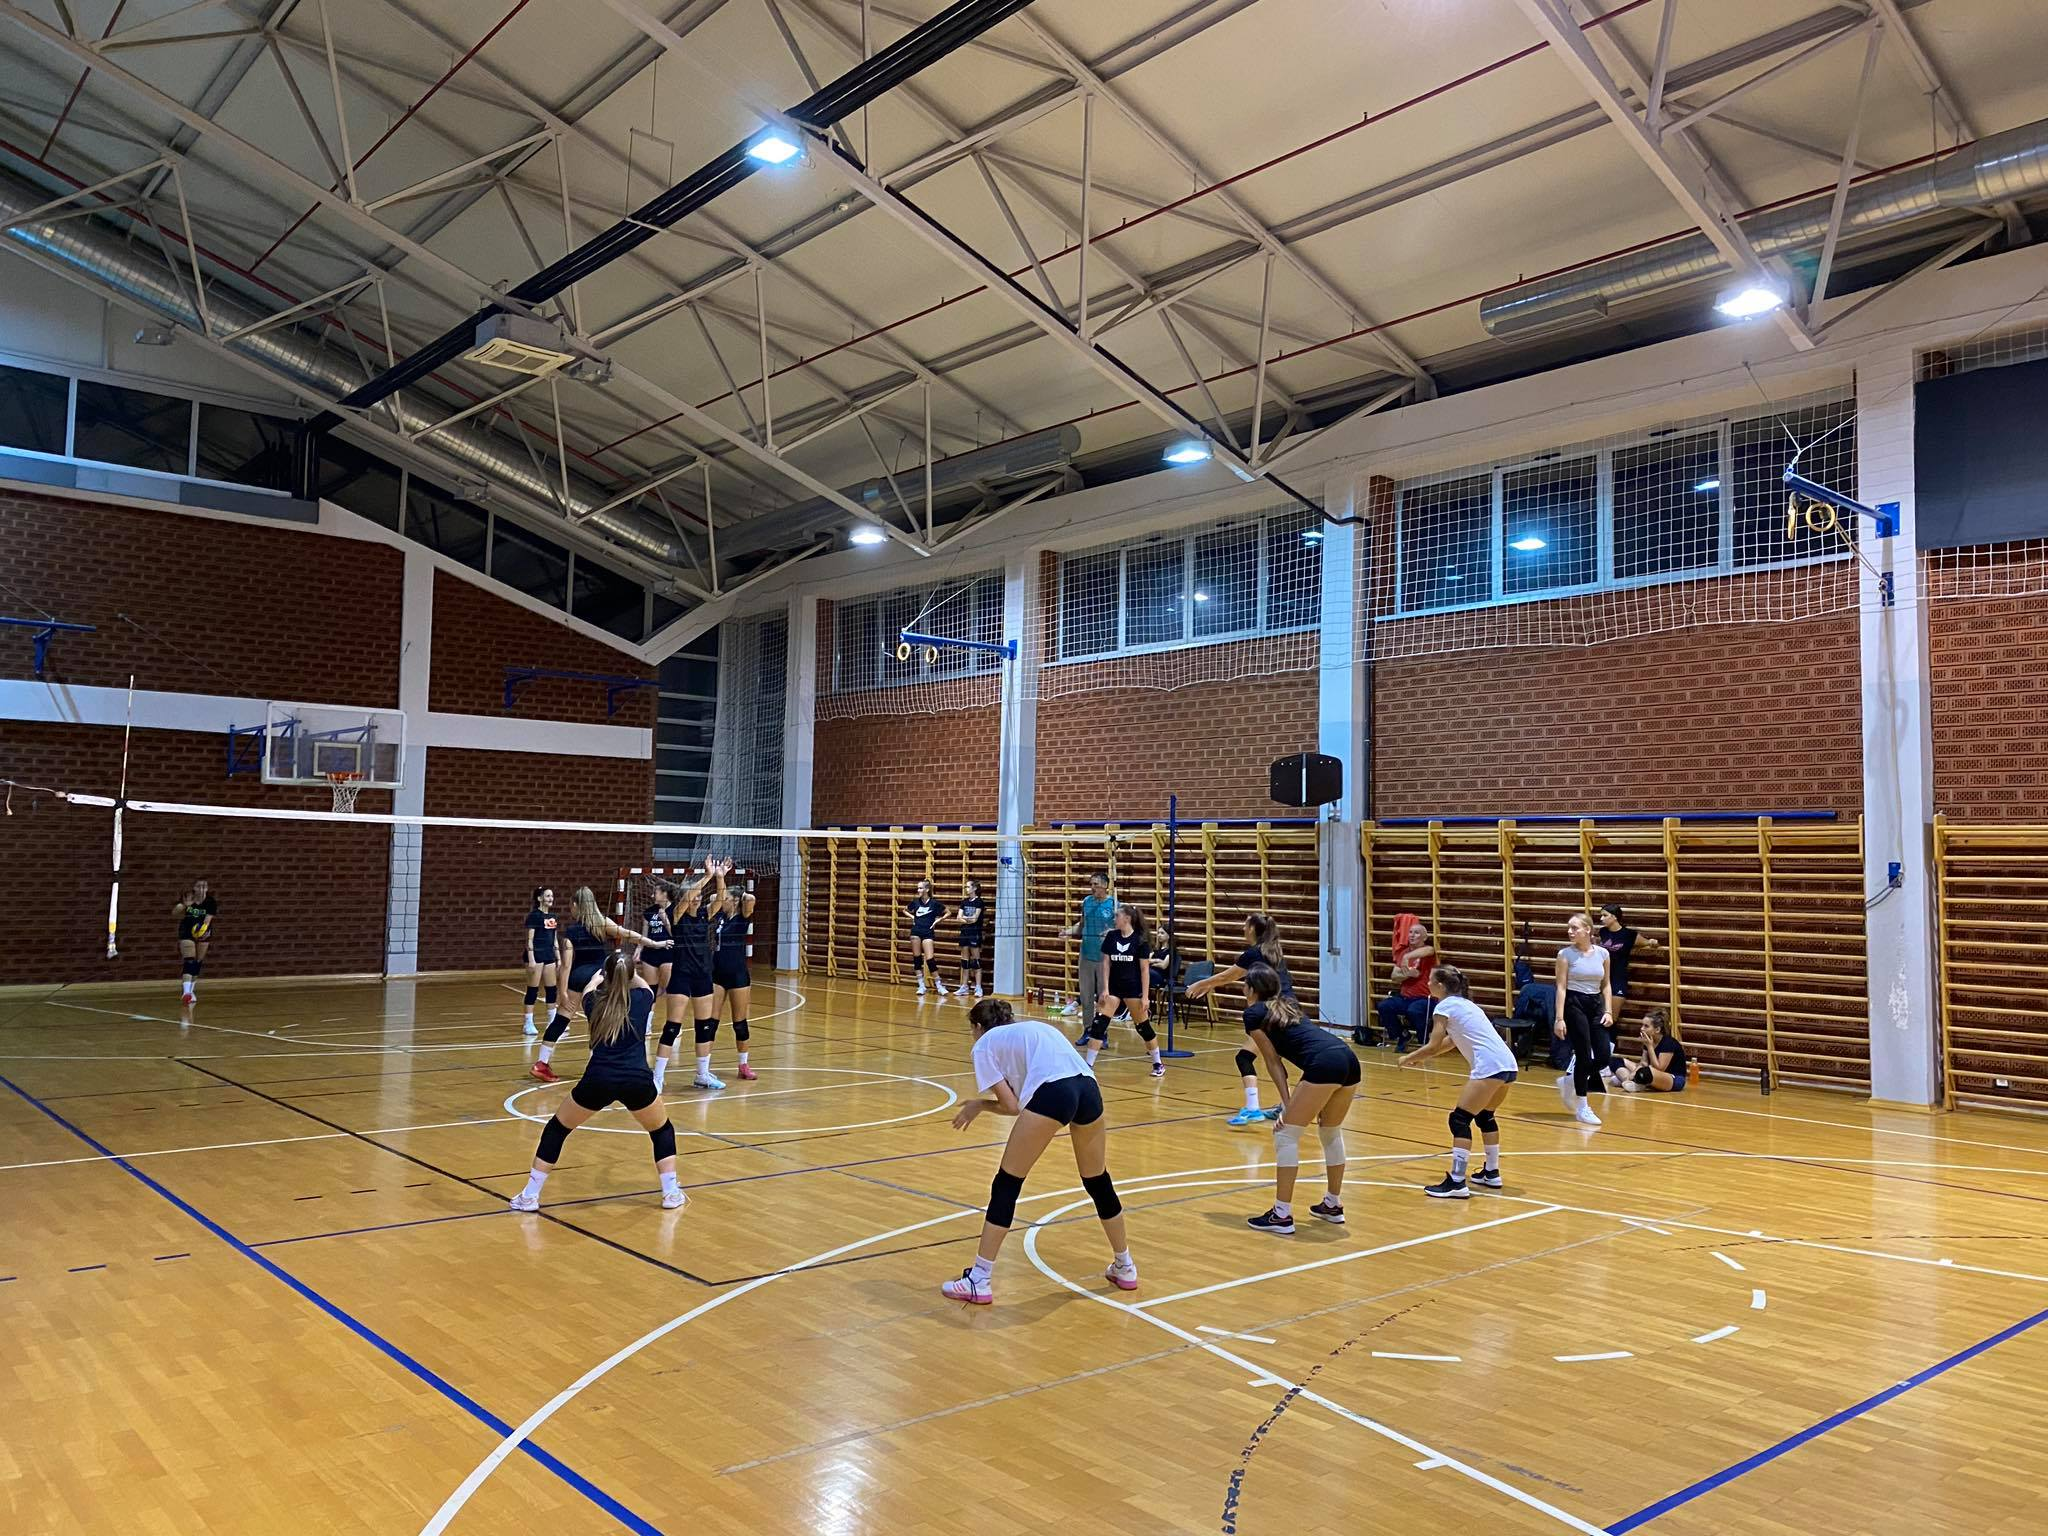 Odigrana prijateljska utakmica između mlađih kadetkinja Posavine Brod i Kolonije